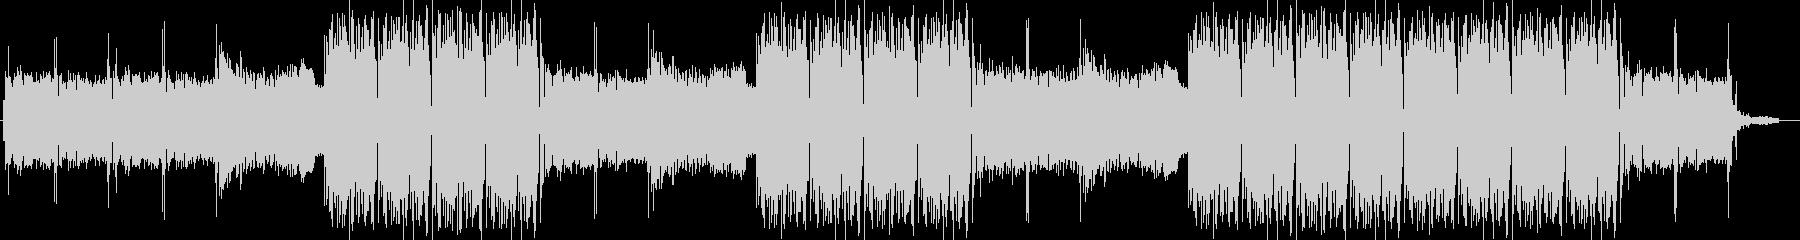 EDMクラブ系ダンスミュージック-09の未再生の波形